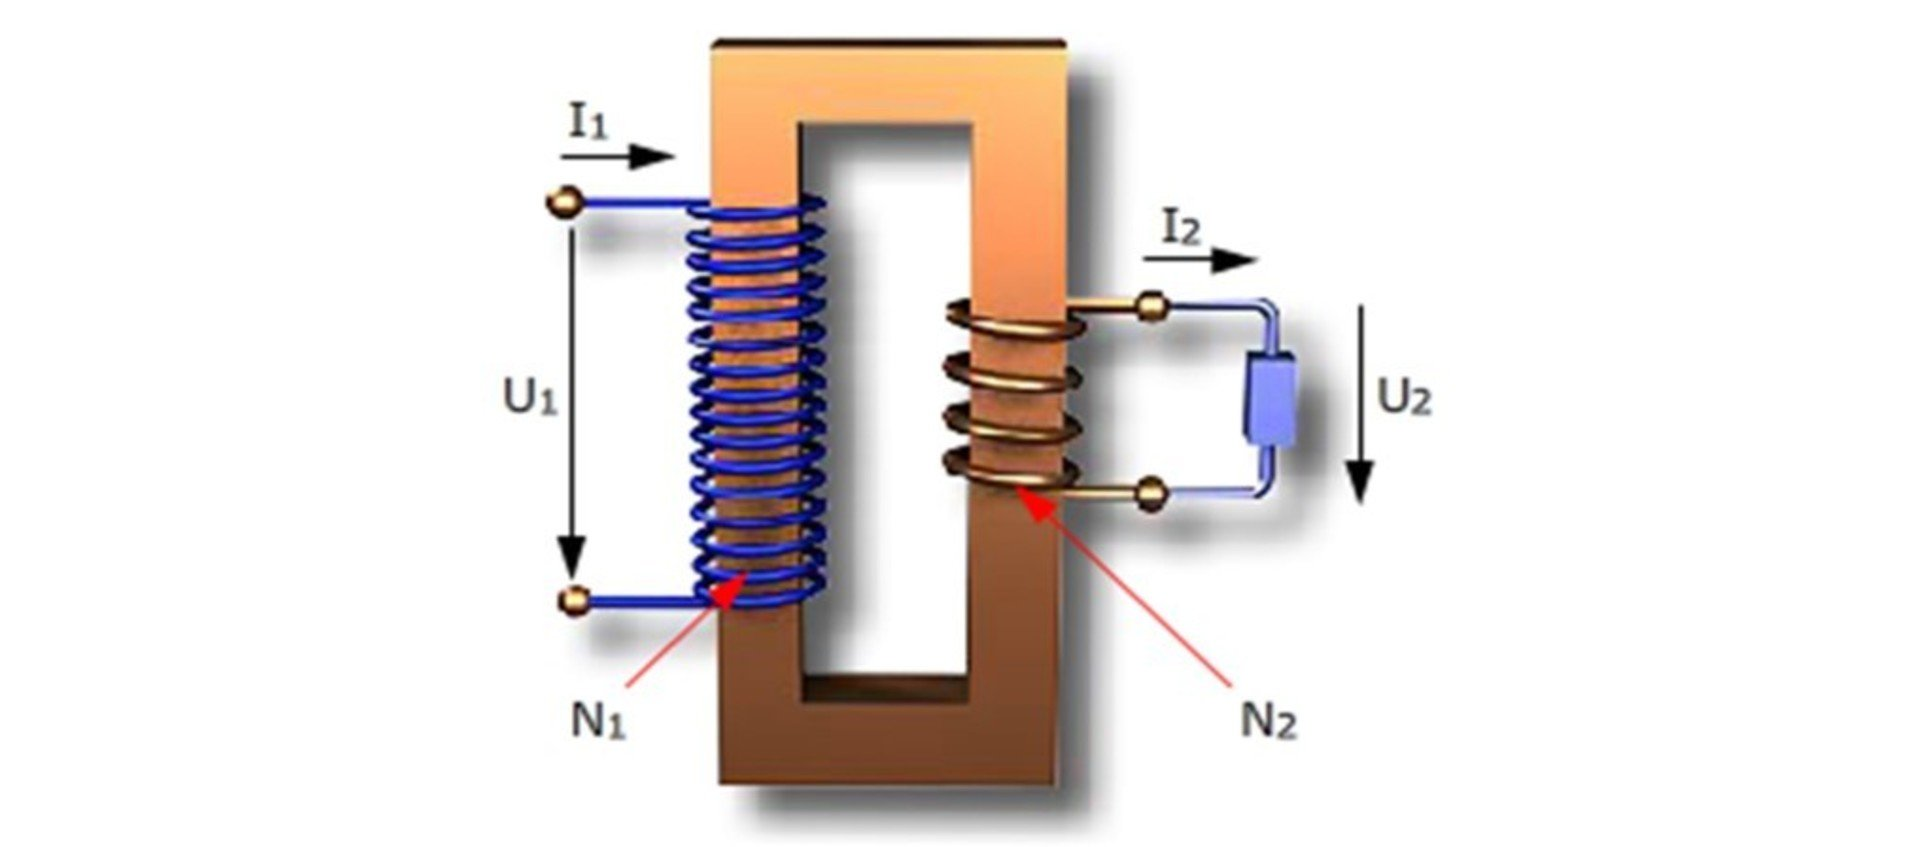 Grondbeginselen elektrotechniek - Deel 2